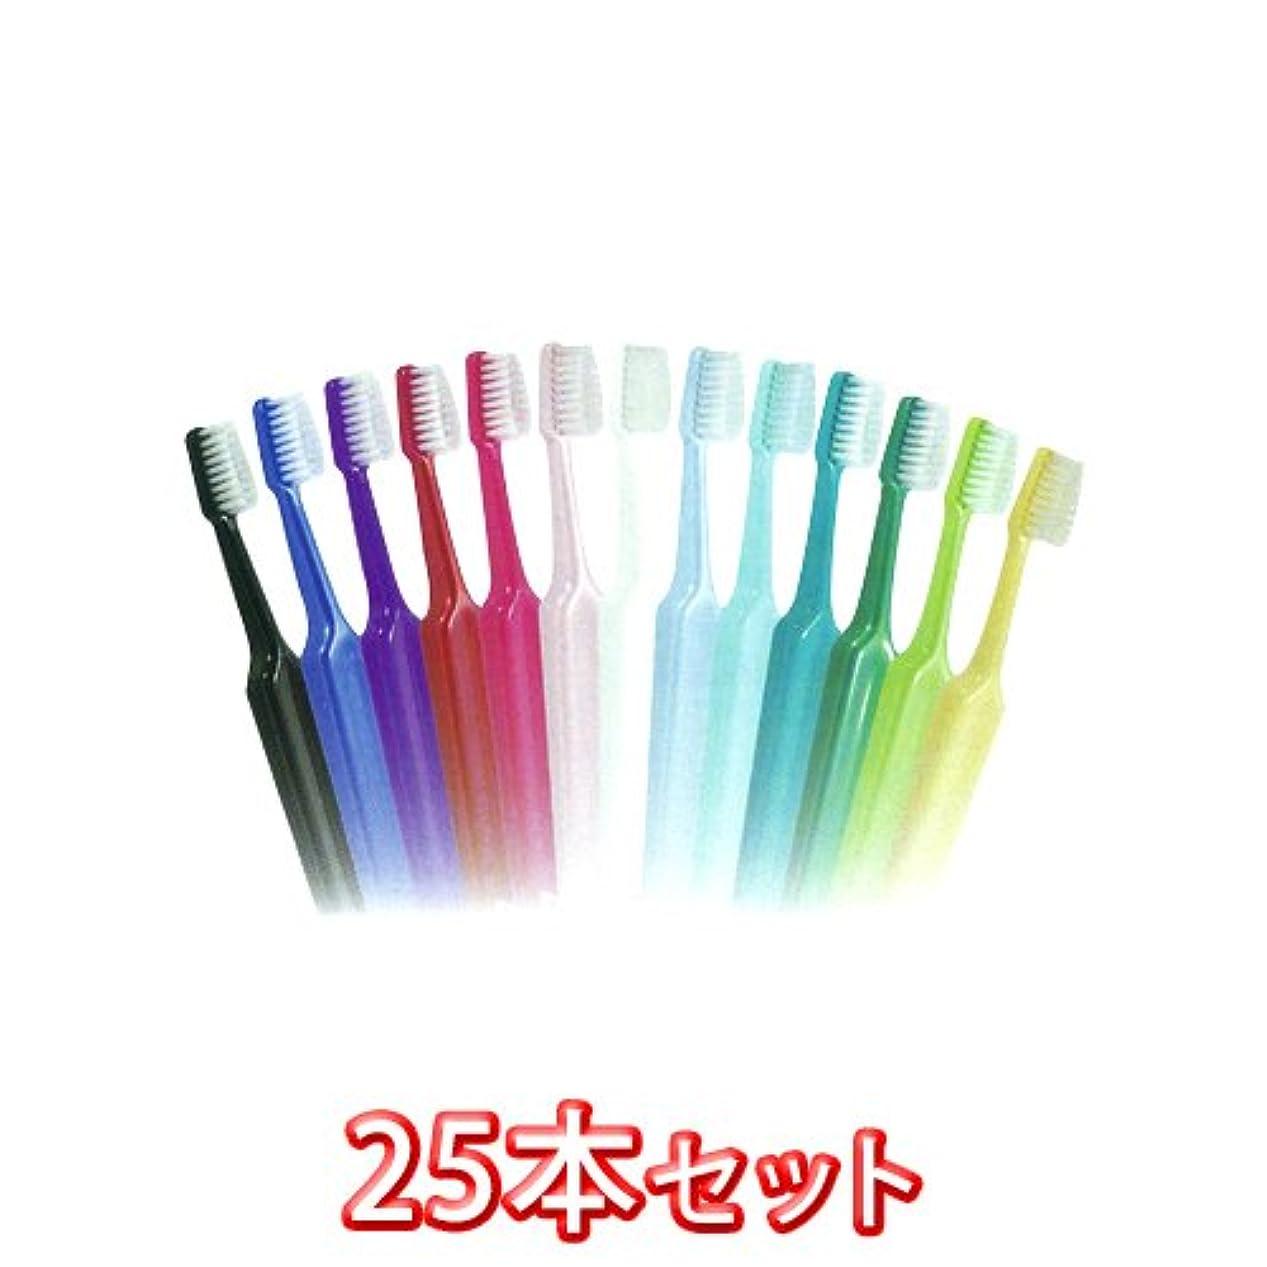 ディプロマ塊バルーンTePe テペ セレクトエクストラソフト 歯ブラシ 25本入